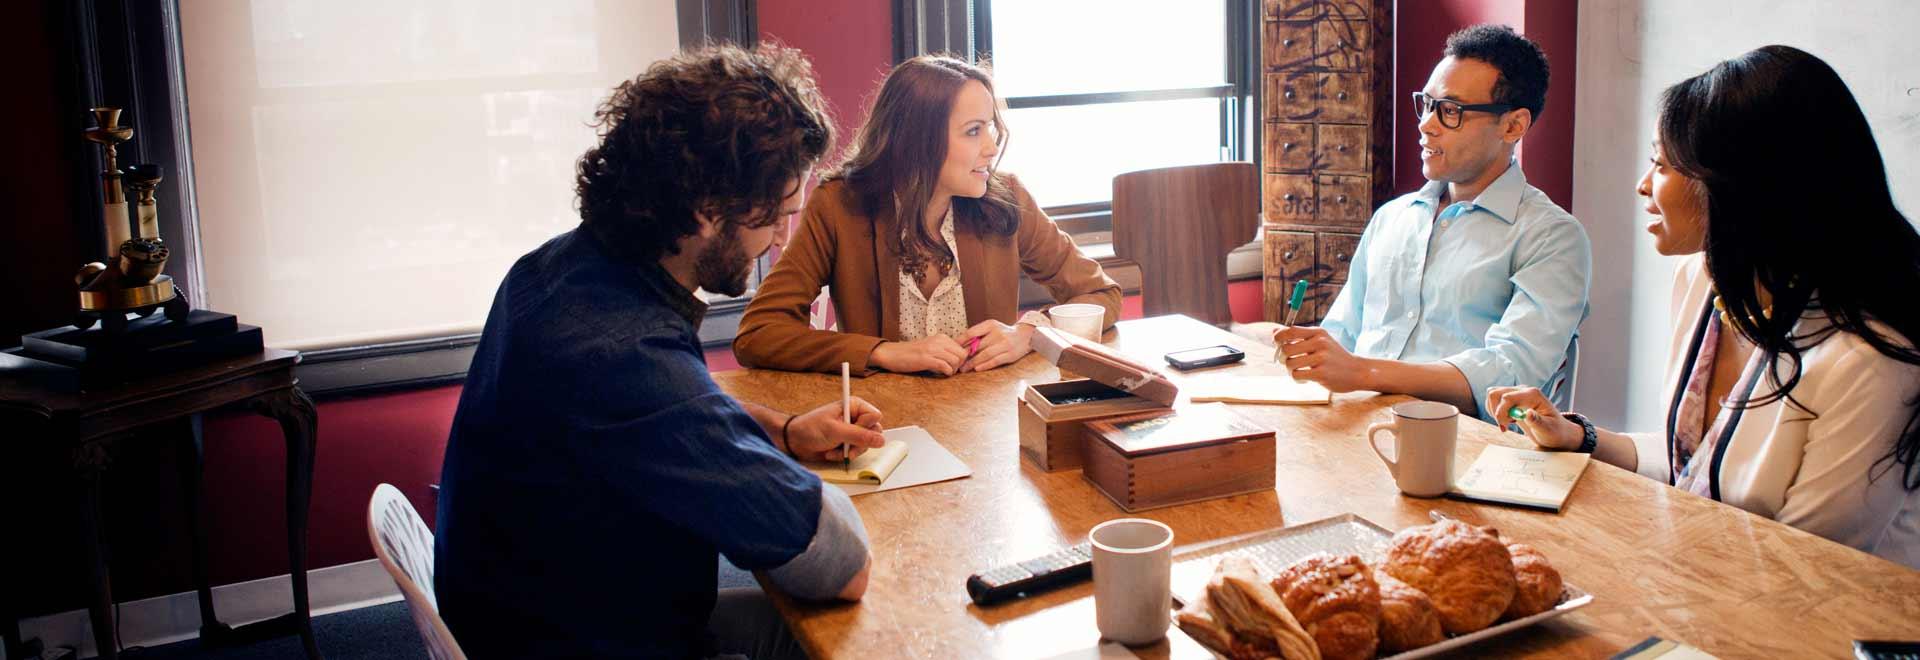 """Keturi biure dirbantys žmonės, naudojantys """"Office 365 Enterprise E3""""."""